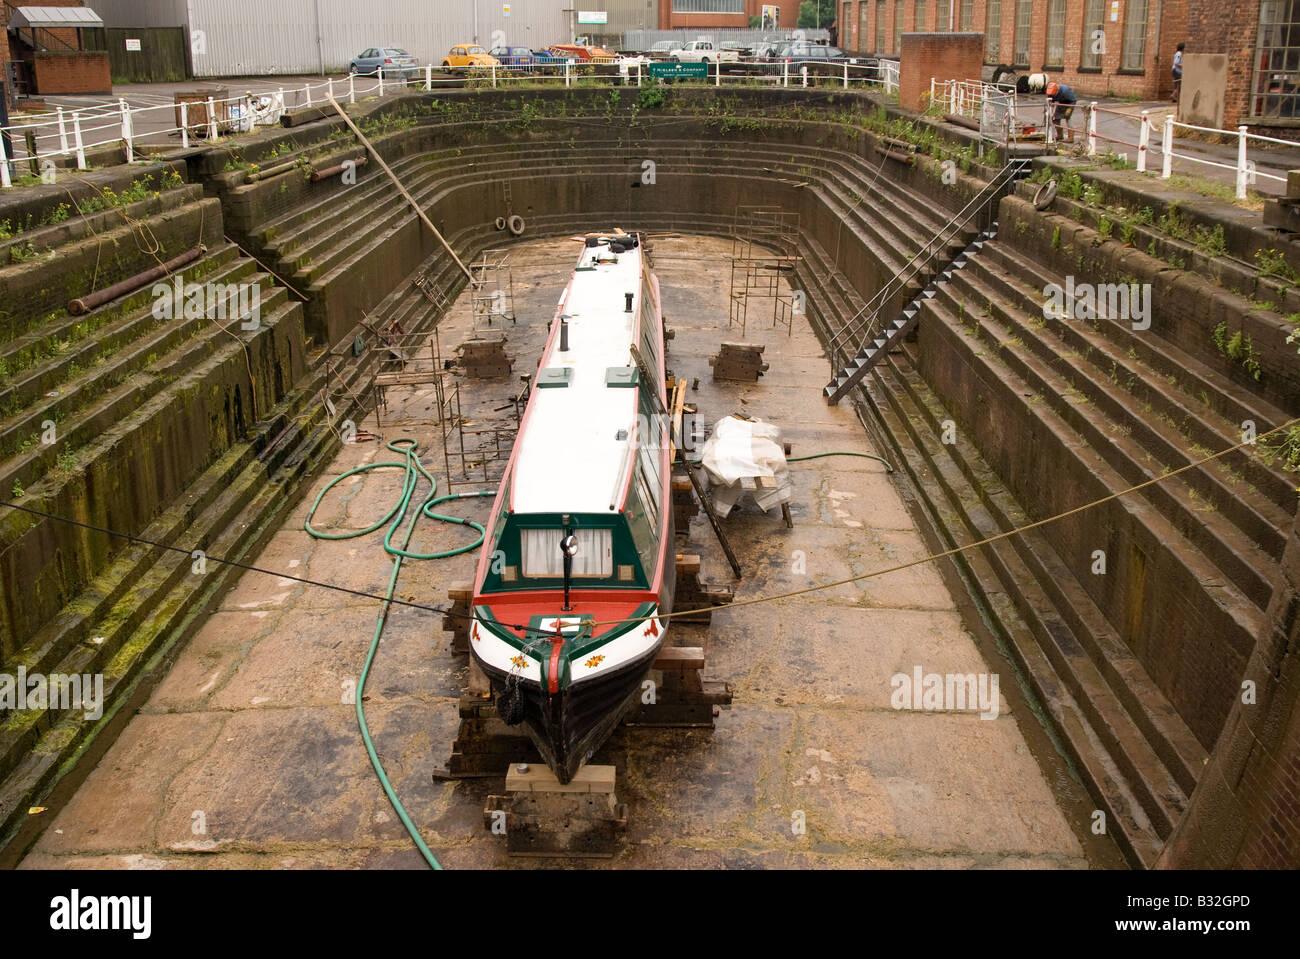 narrow boat in dry dock - Stock Image